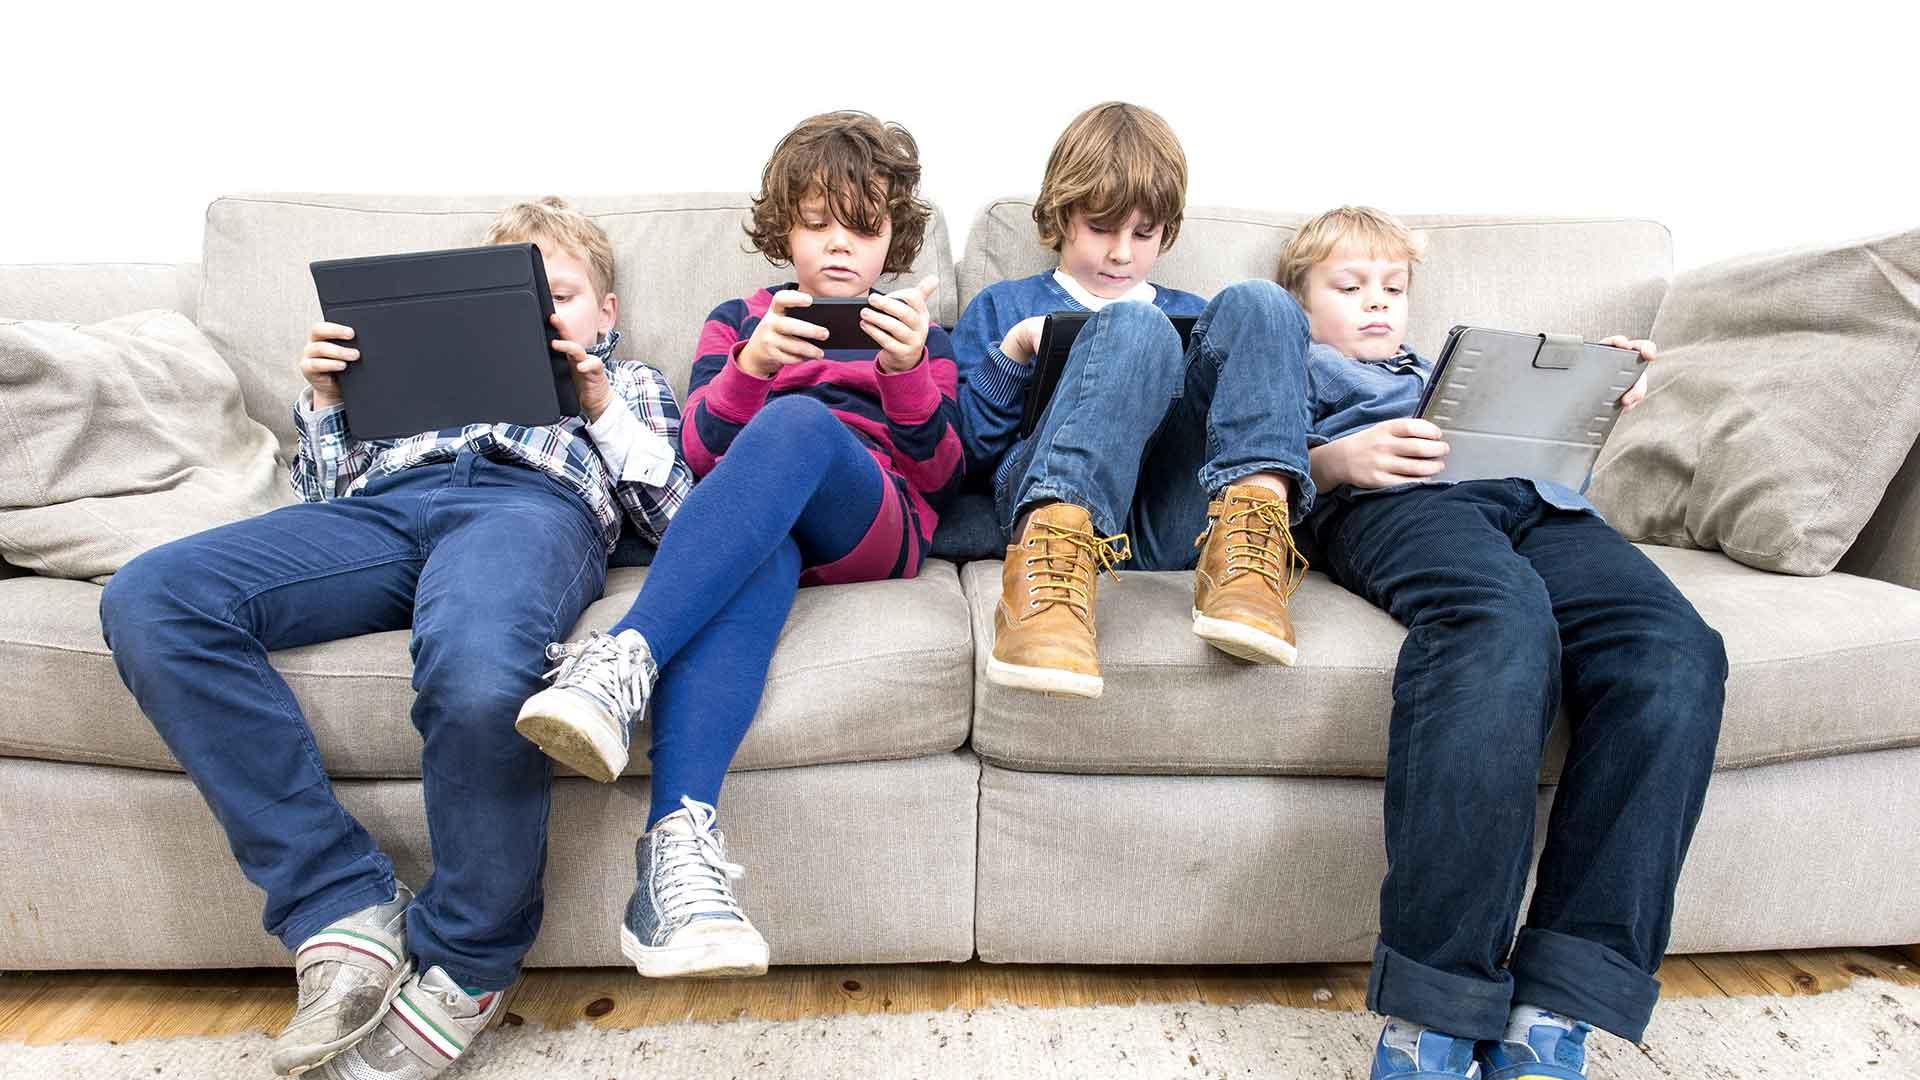 quatre enfants dans la chaise avec chacun une tablet à la main